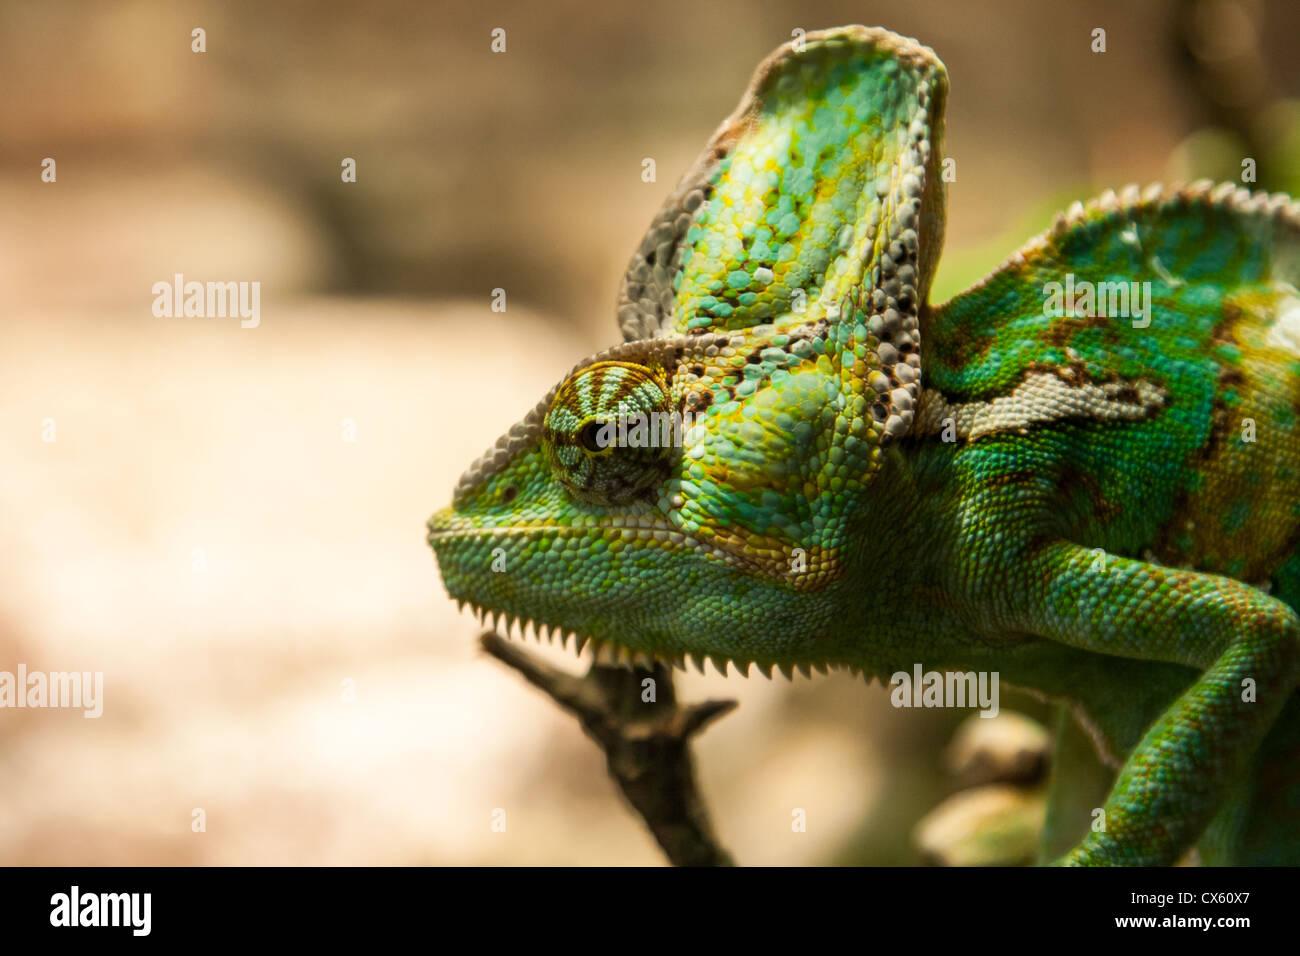 Portret petit caméléon vert sur la plante Photo Stock